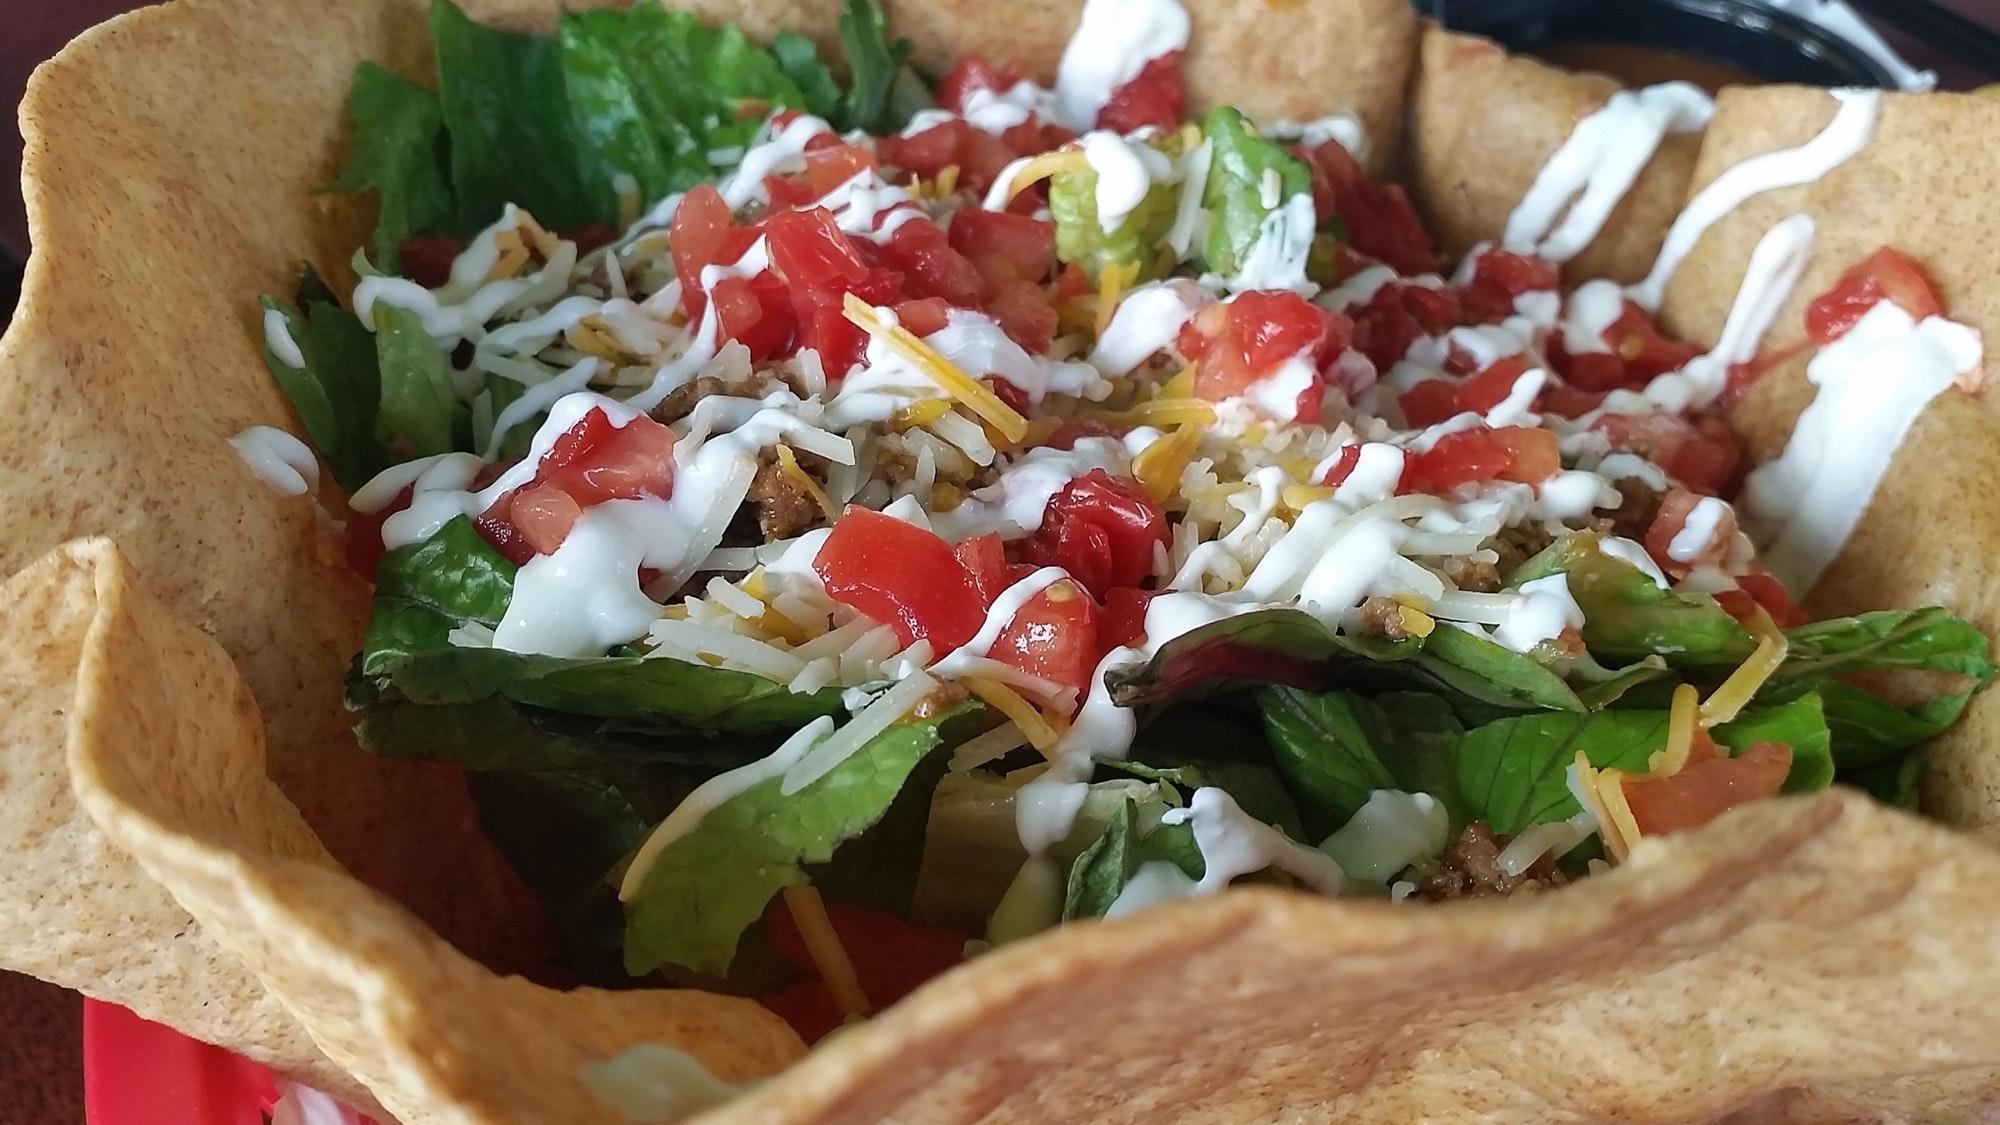 Mexican food: yummy salad